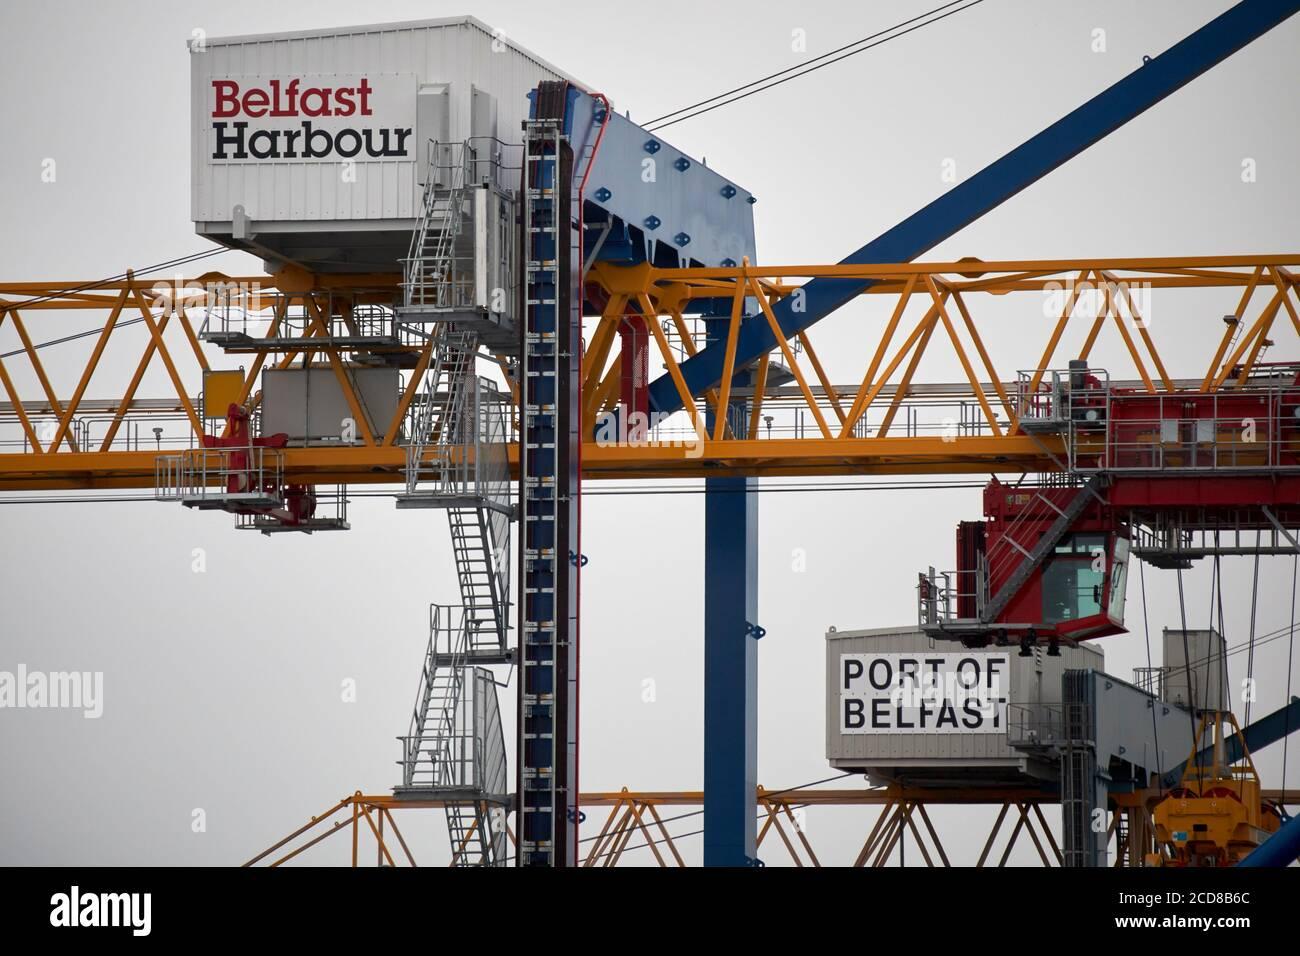 grues dans le port de belfast nord irlande royaume-uni Banque D'Images